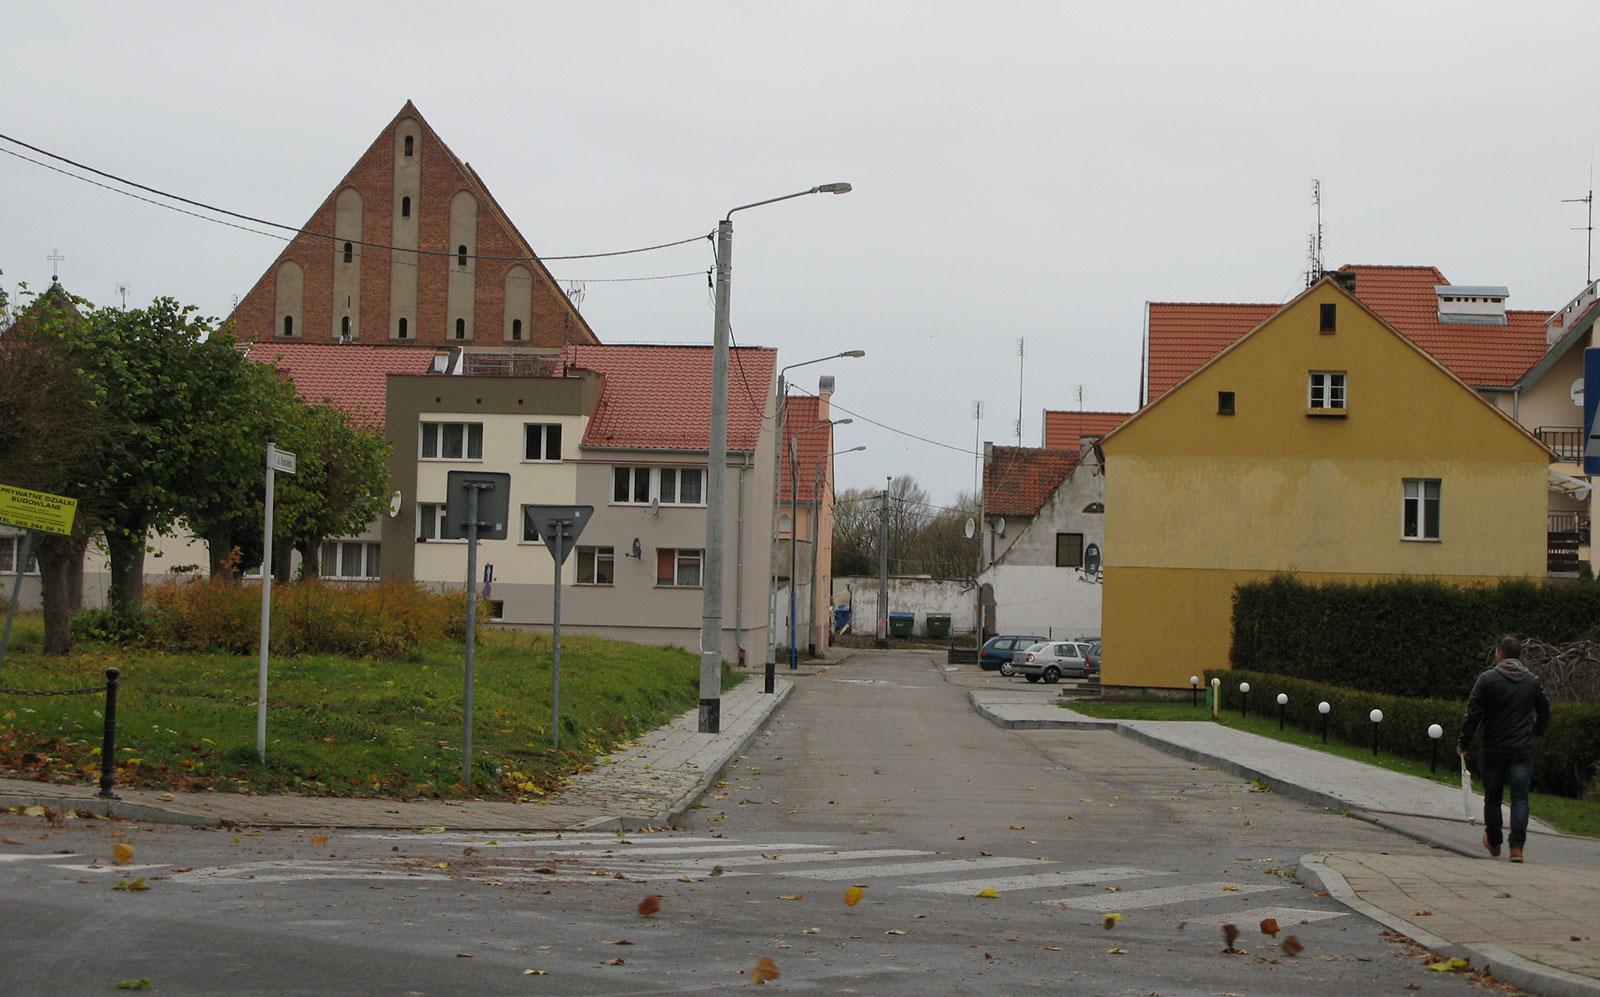 frombork-ulitsa